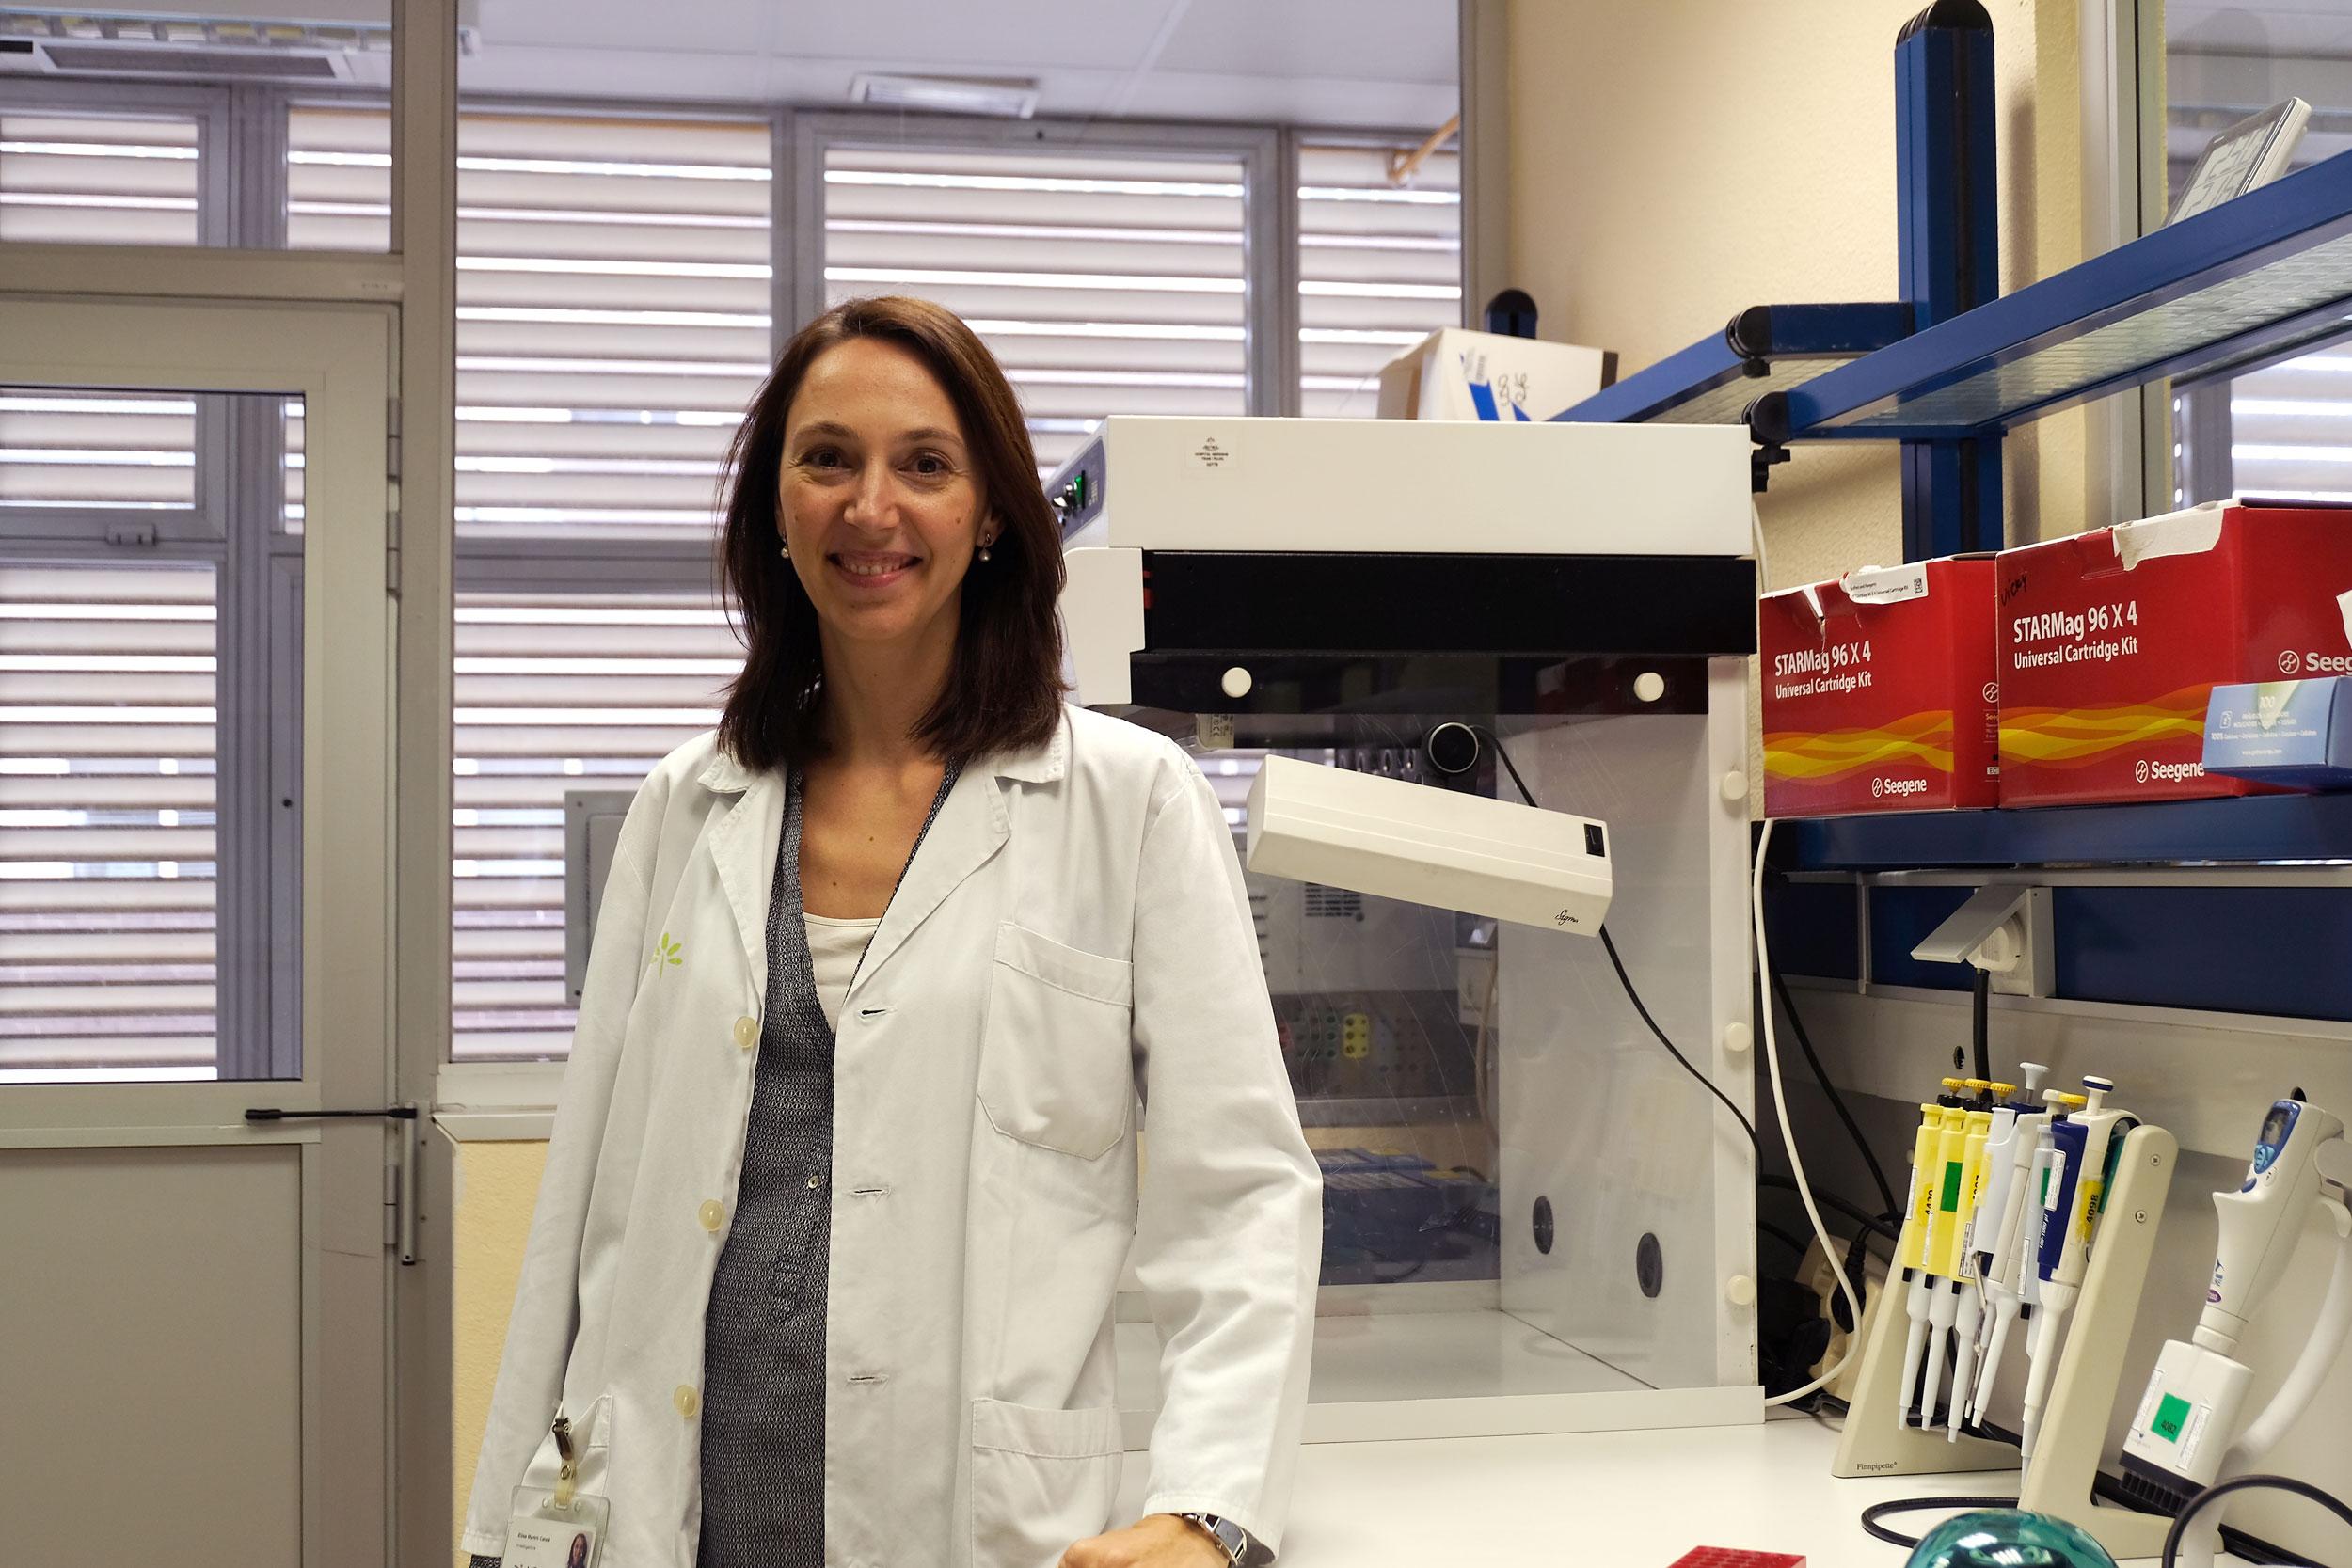 Entrevista con la Dra. Elisa Martró, doctora en Biología e investigadora en el Servicio de Microbiología del Hospital Universitario e Instituto de Investigación Germans Trias i Pujol de Badalona